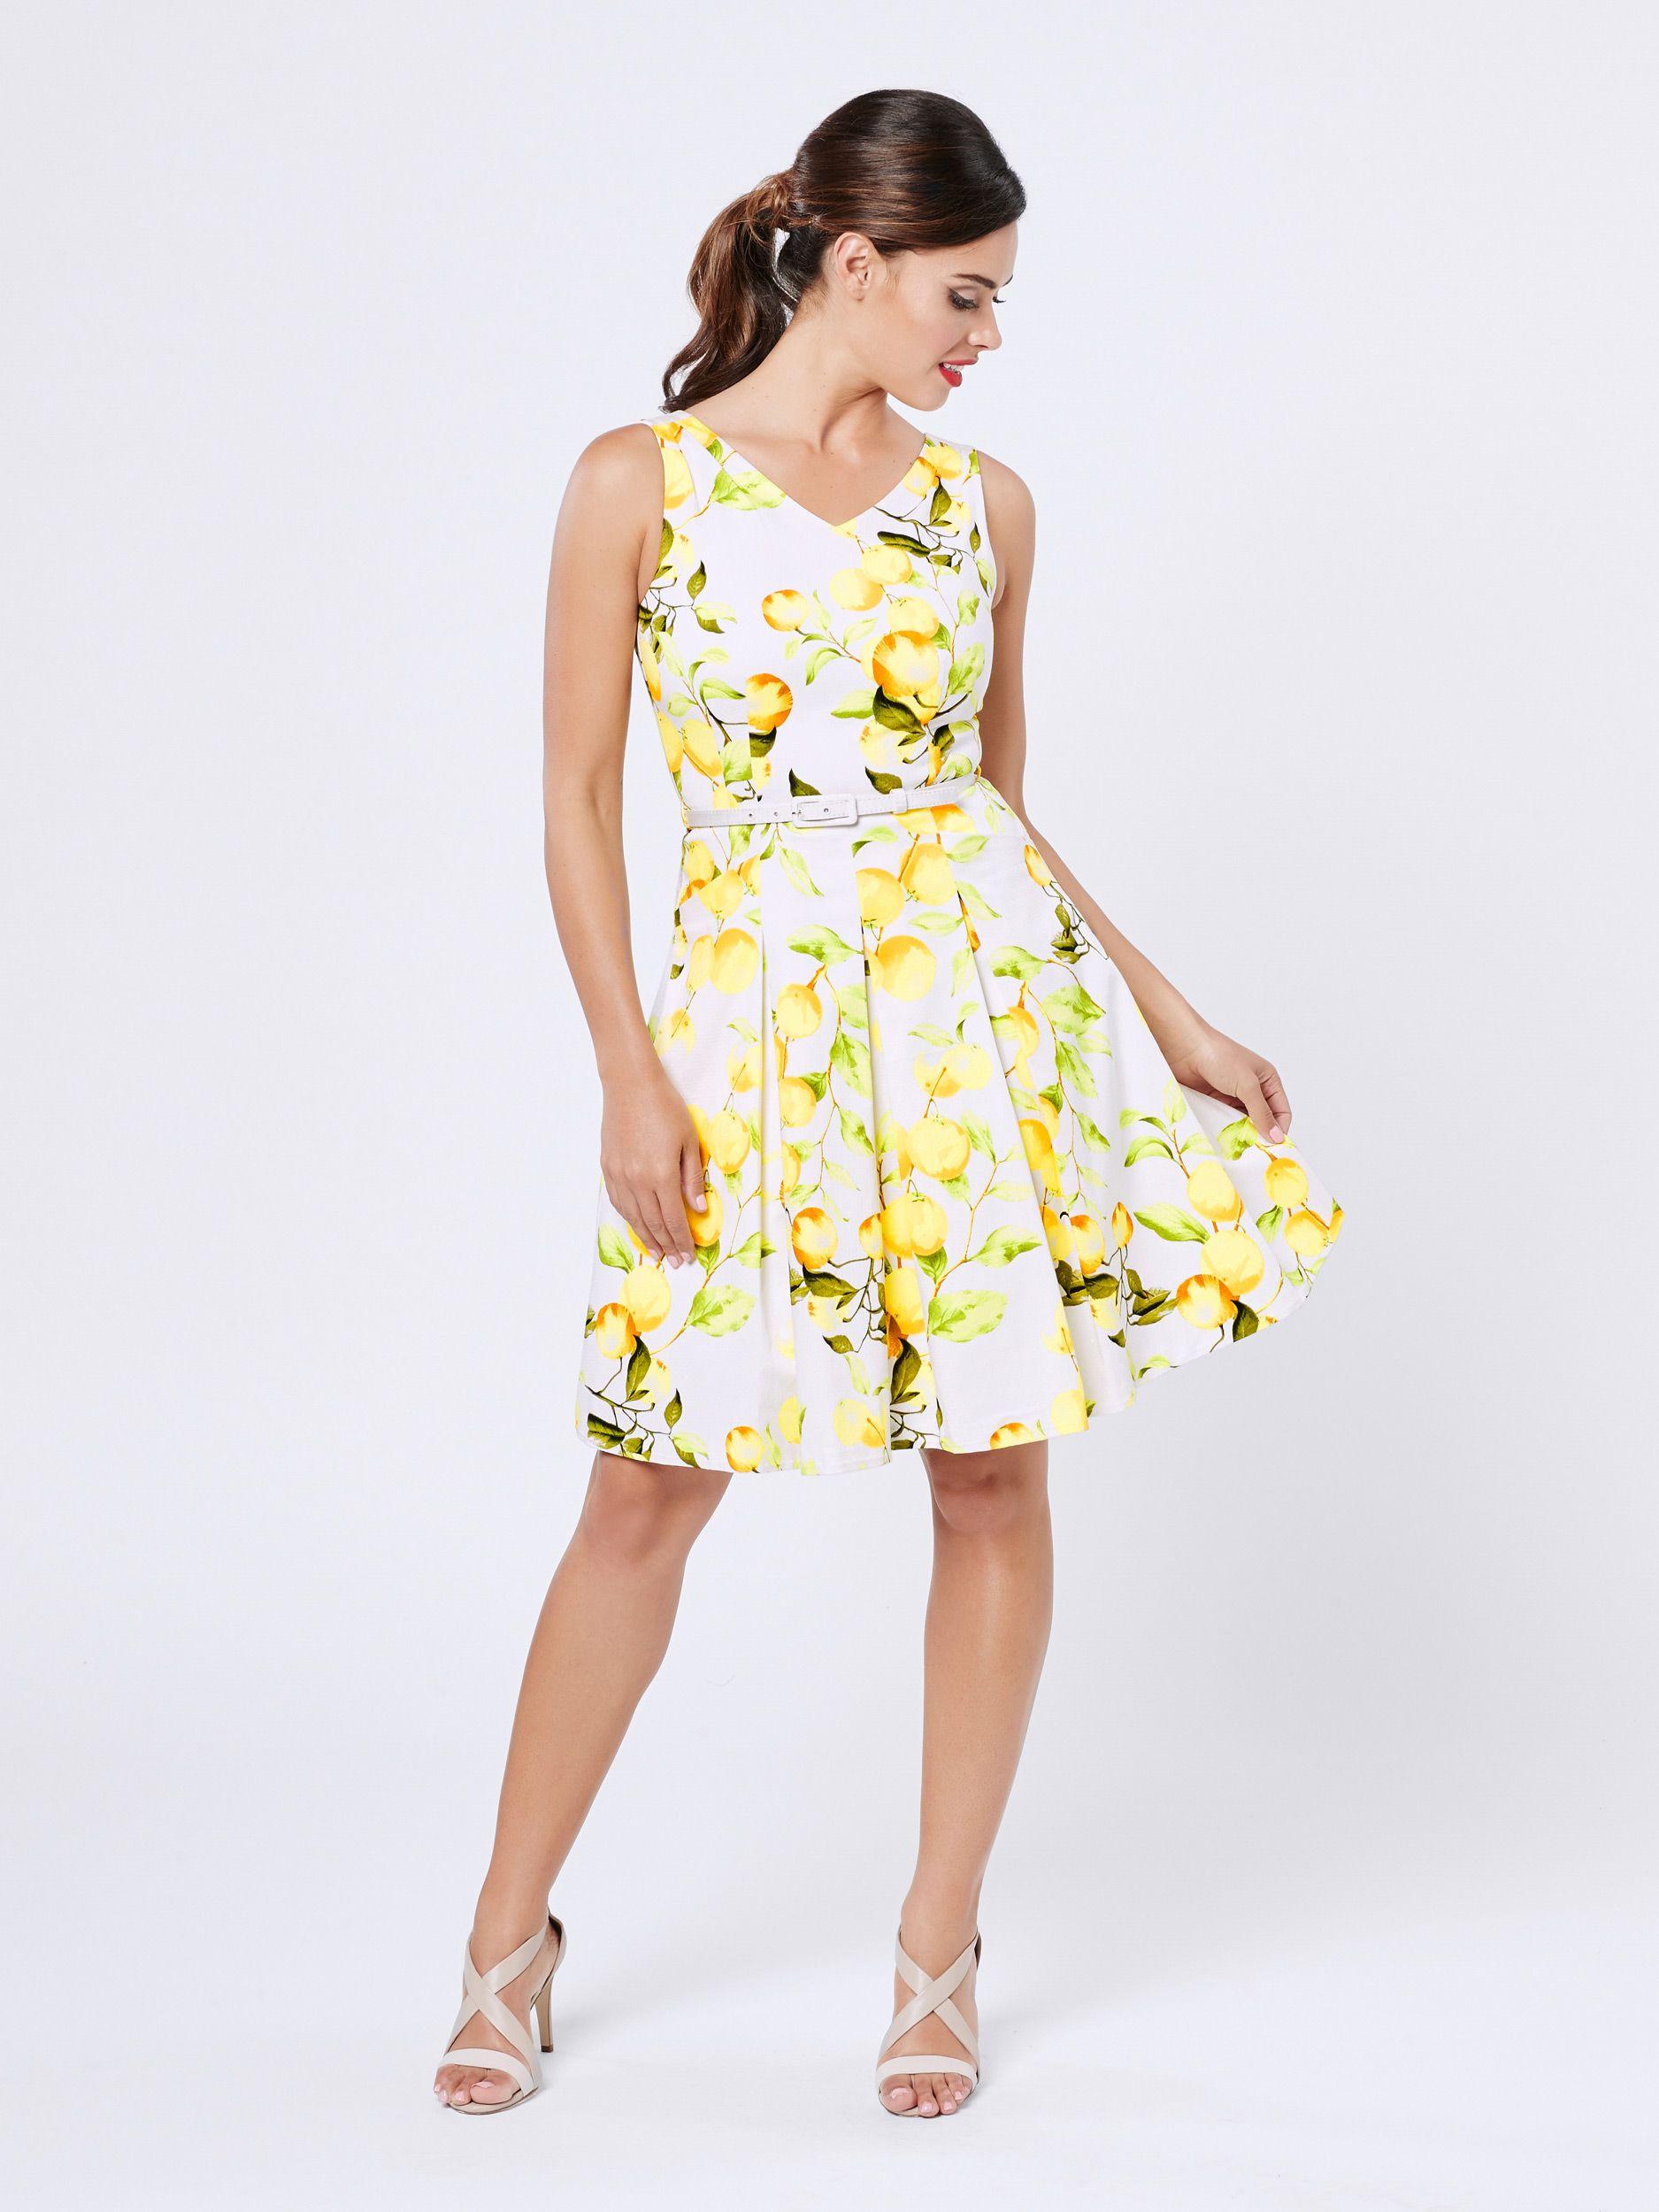 Sunshine Girl Dress Lemons Review Australia Dresses Classy Dress Girls Dress Shop